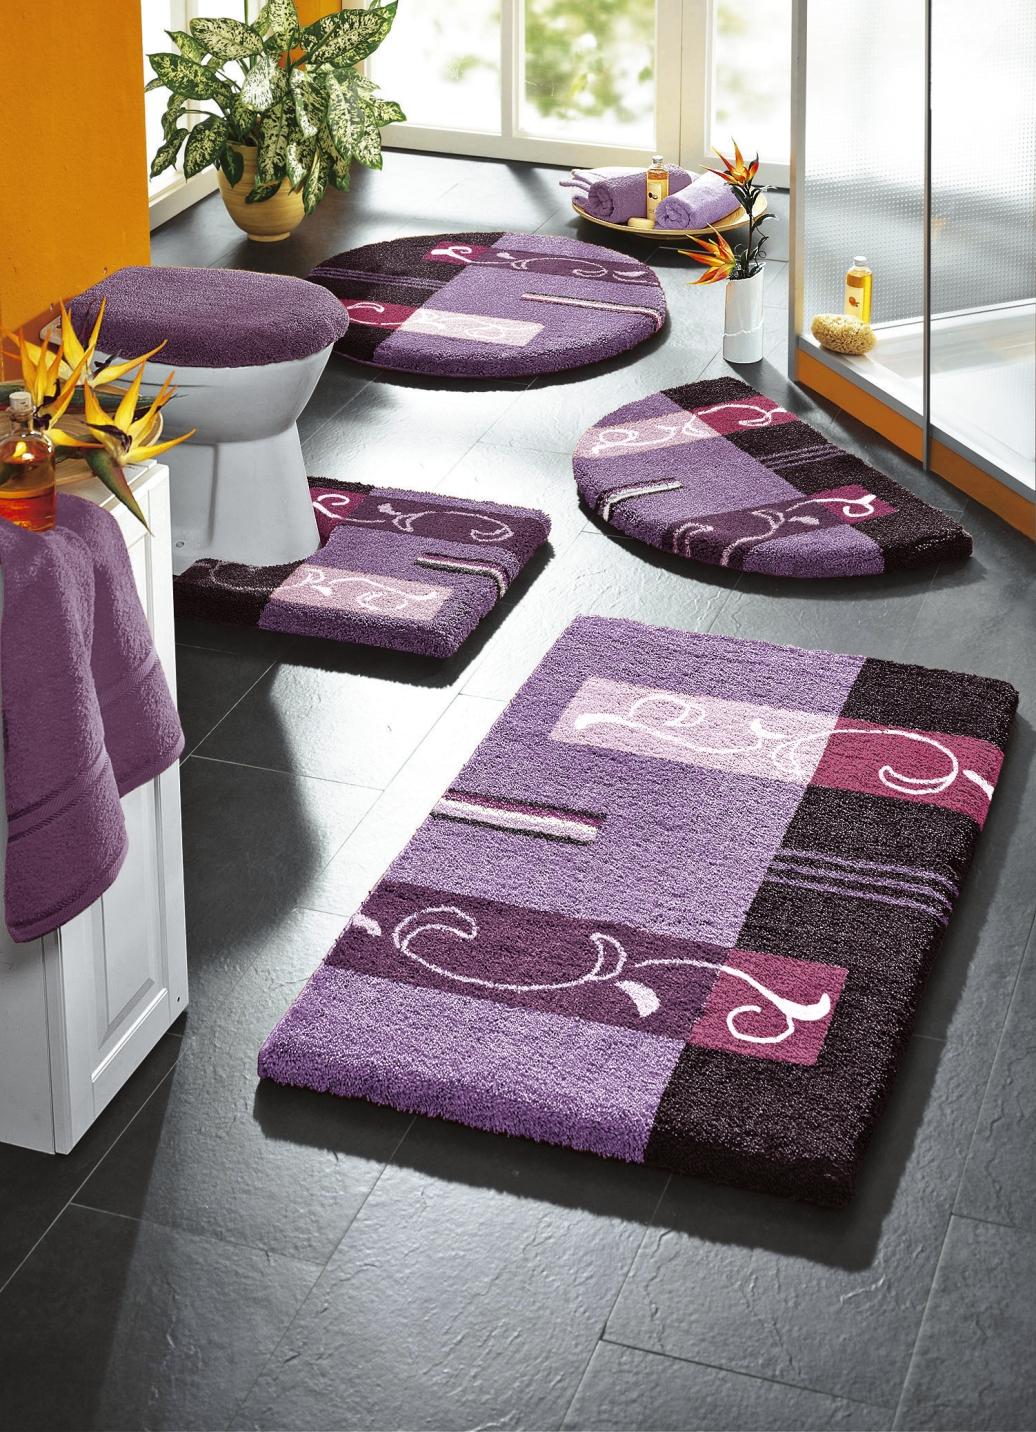 grund badgarnitur in verschiedenen farben badmatten. Black Bedroom Furniture Sets. Home Design Ideas